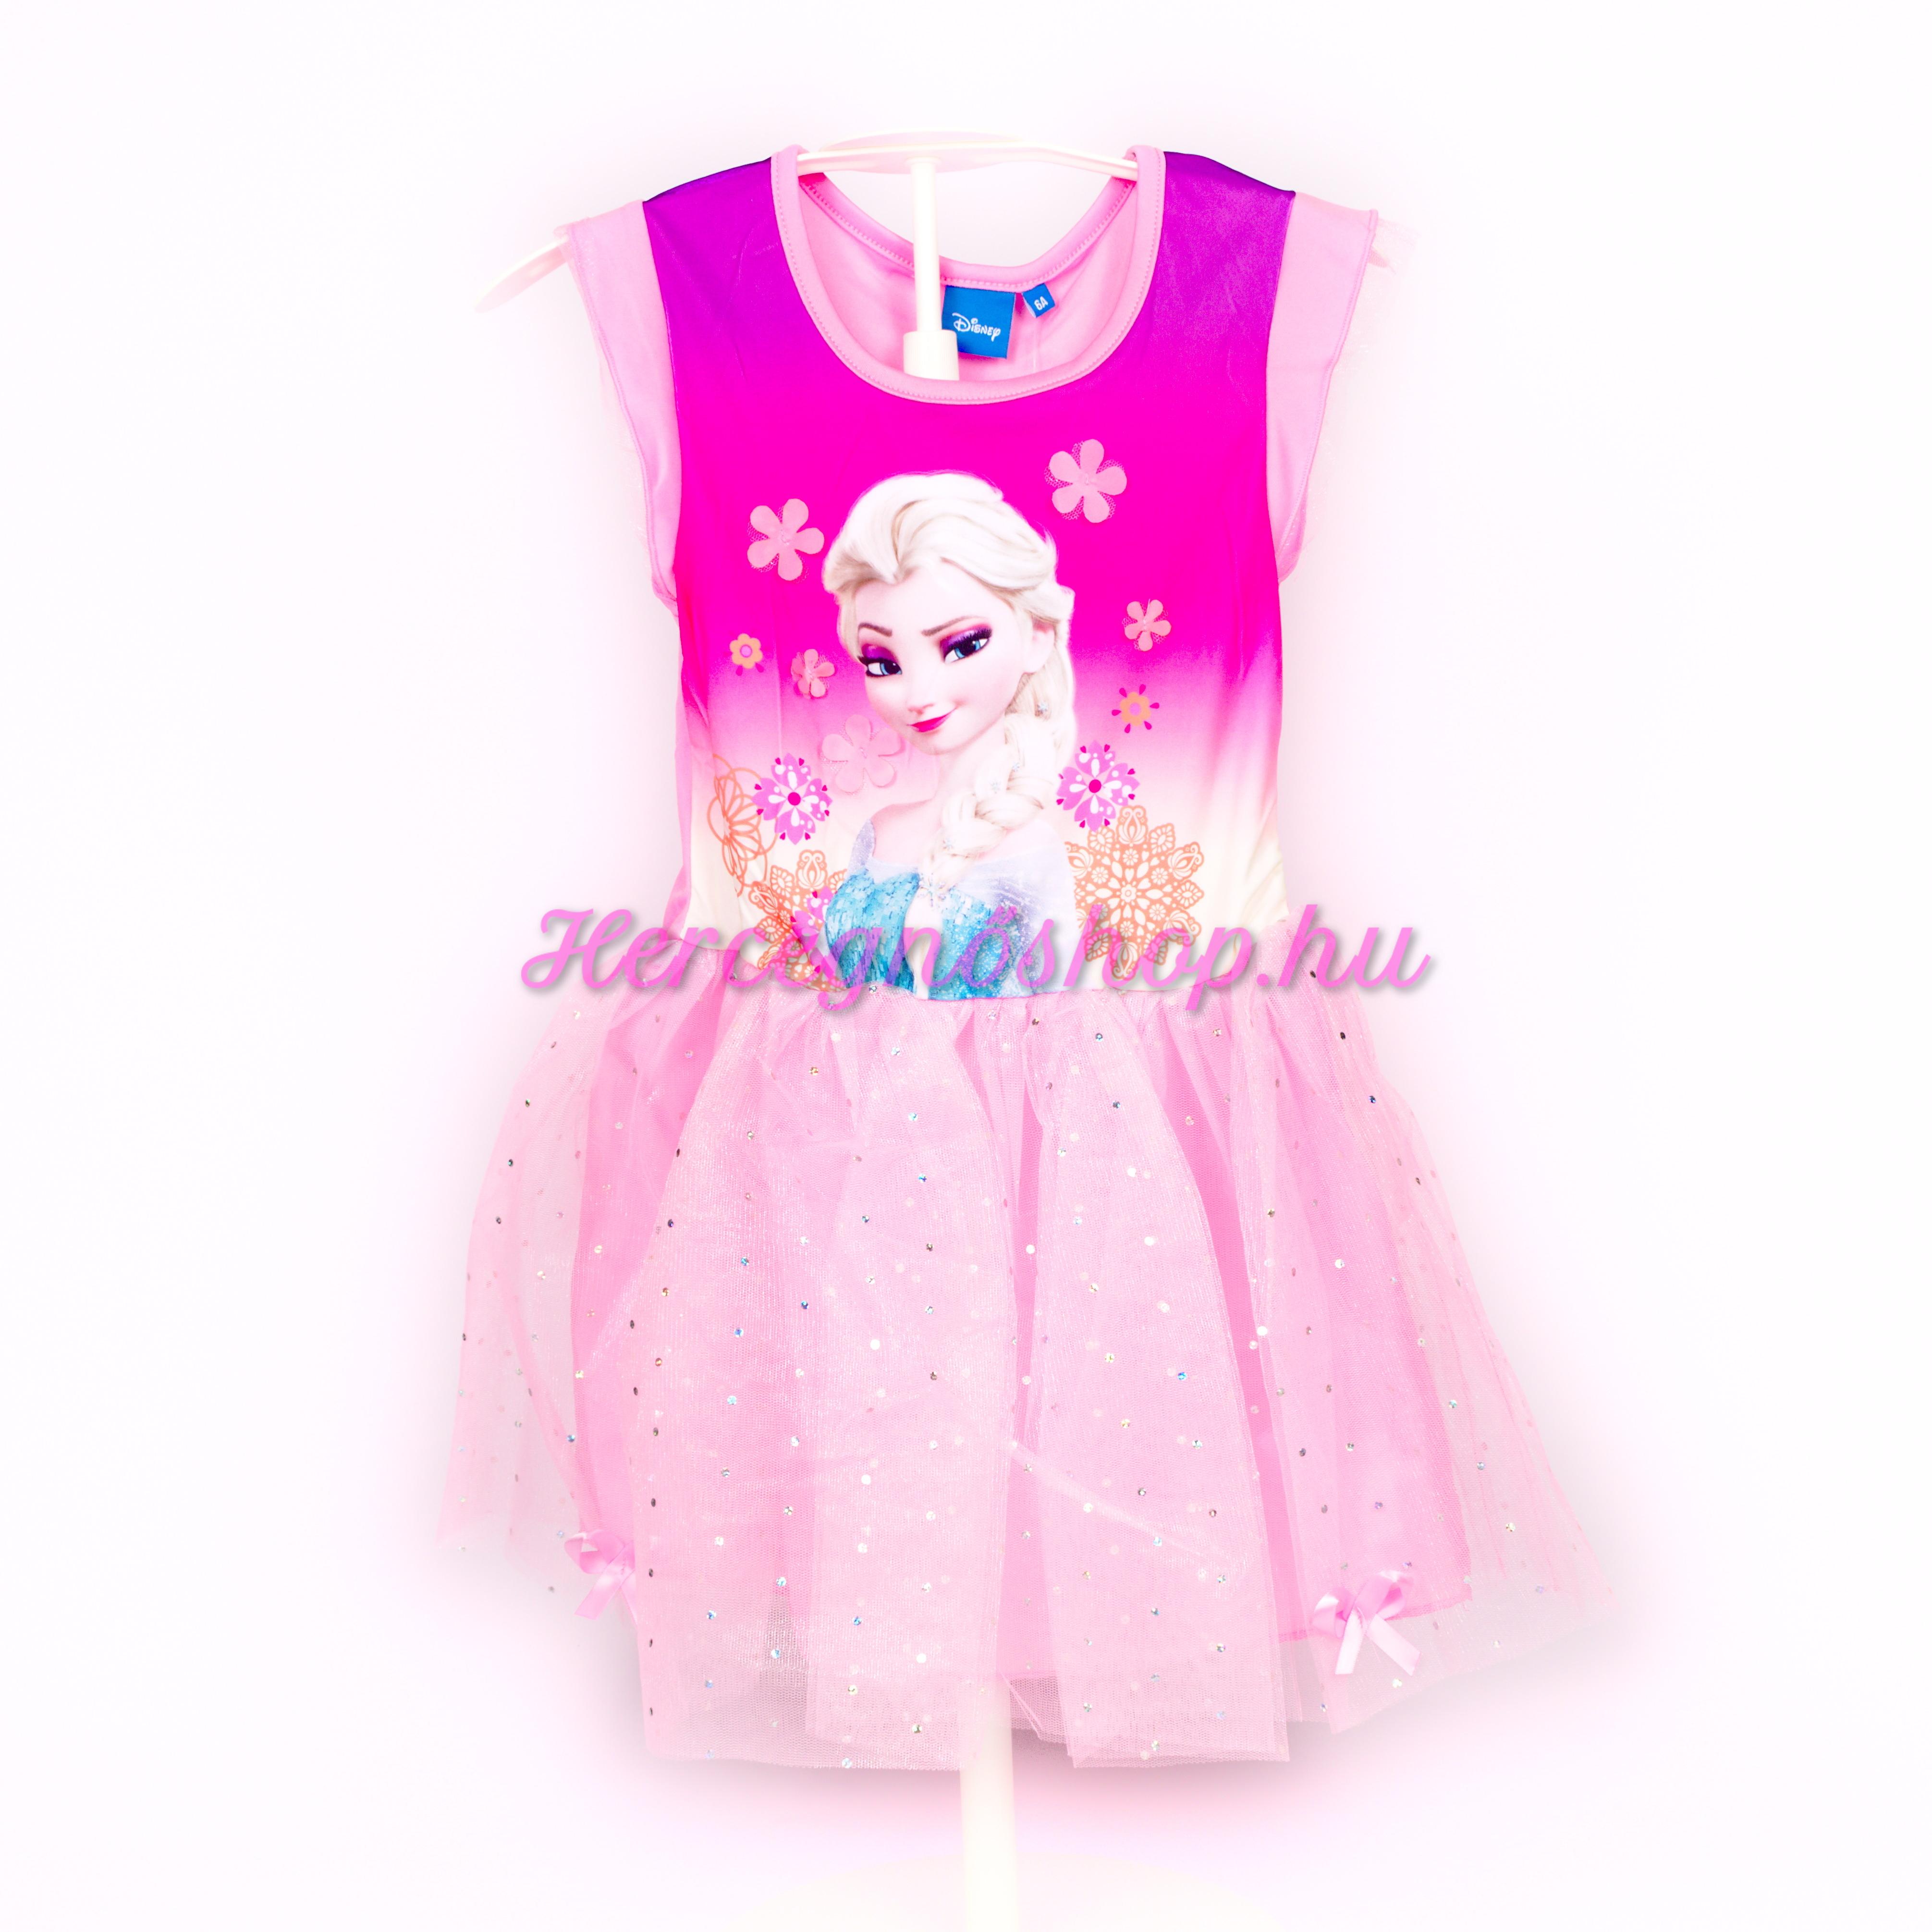 Jégvarázs party ruha – világos rózsaszín (Disney Frozen)